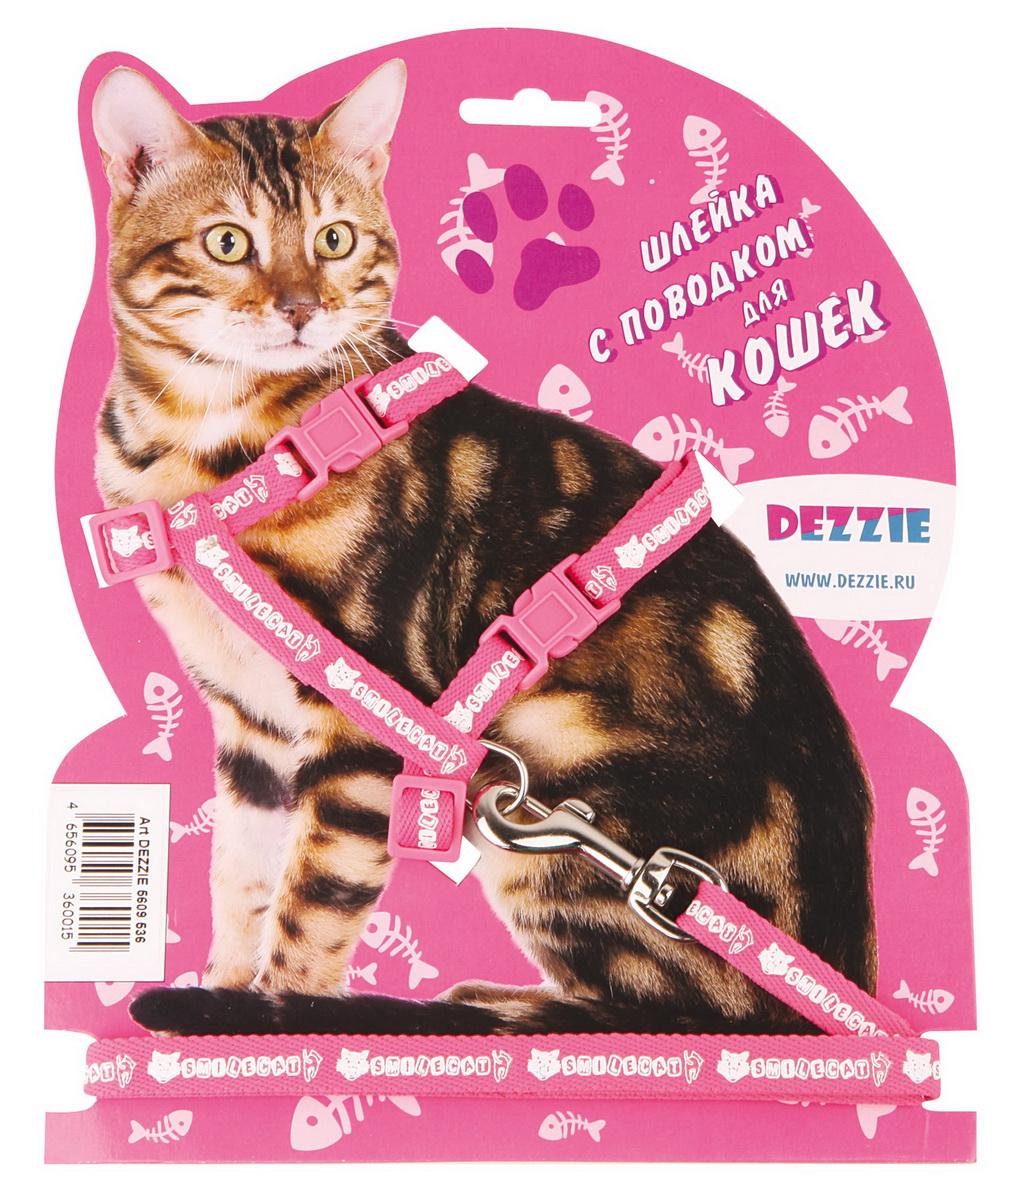 Шлейка для кошек Dezzie, с поводком, ширина 1 см, обхват груди 22-42 см, цвет: розовый, белый. 56095365609536Шлейка Dezzie, изготовленная из прочного нейлона, подходит для кошек крупных размеров. Крепкие пластиковые элементы делают ее надежной и долговечной. Обхват шлейки регулируется при помощи пряжек. В комплект входит поводок из нейлона, который крепится к шлейке с помощью металлического карабина. Шлейка и поводок оформлены изображением. Шлейка - это альтернатива ошейнику. Правильно подобранная шлейка не стесняет движения питомца, не натирает кожу, поэтому животное чувствует себя в ней уверенно и комфортно.Обхват груди: 22-42 см.Ширина шлейки/поводка: 1 см.Длина поводка: 120 см.Длина ошейника: 22-42 см.